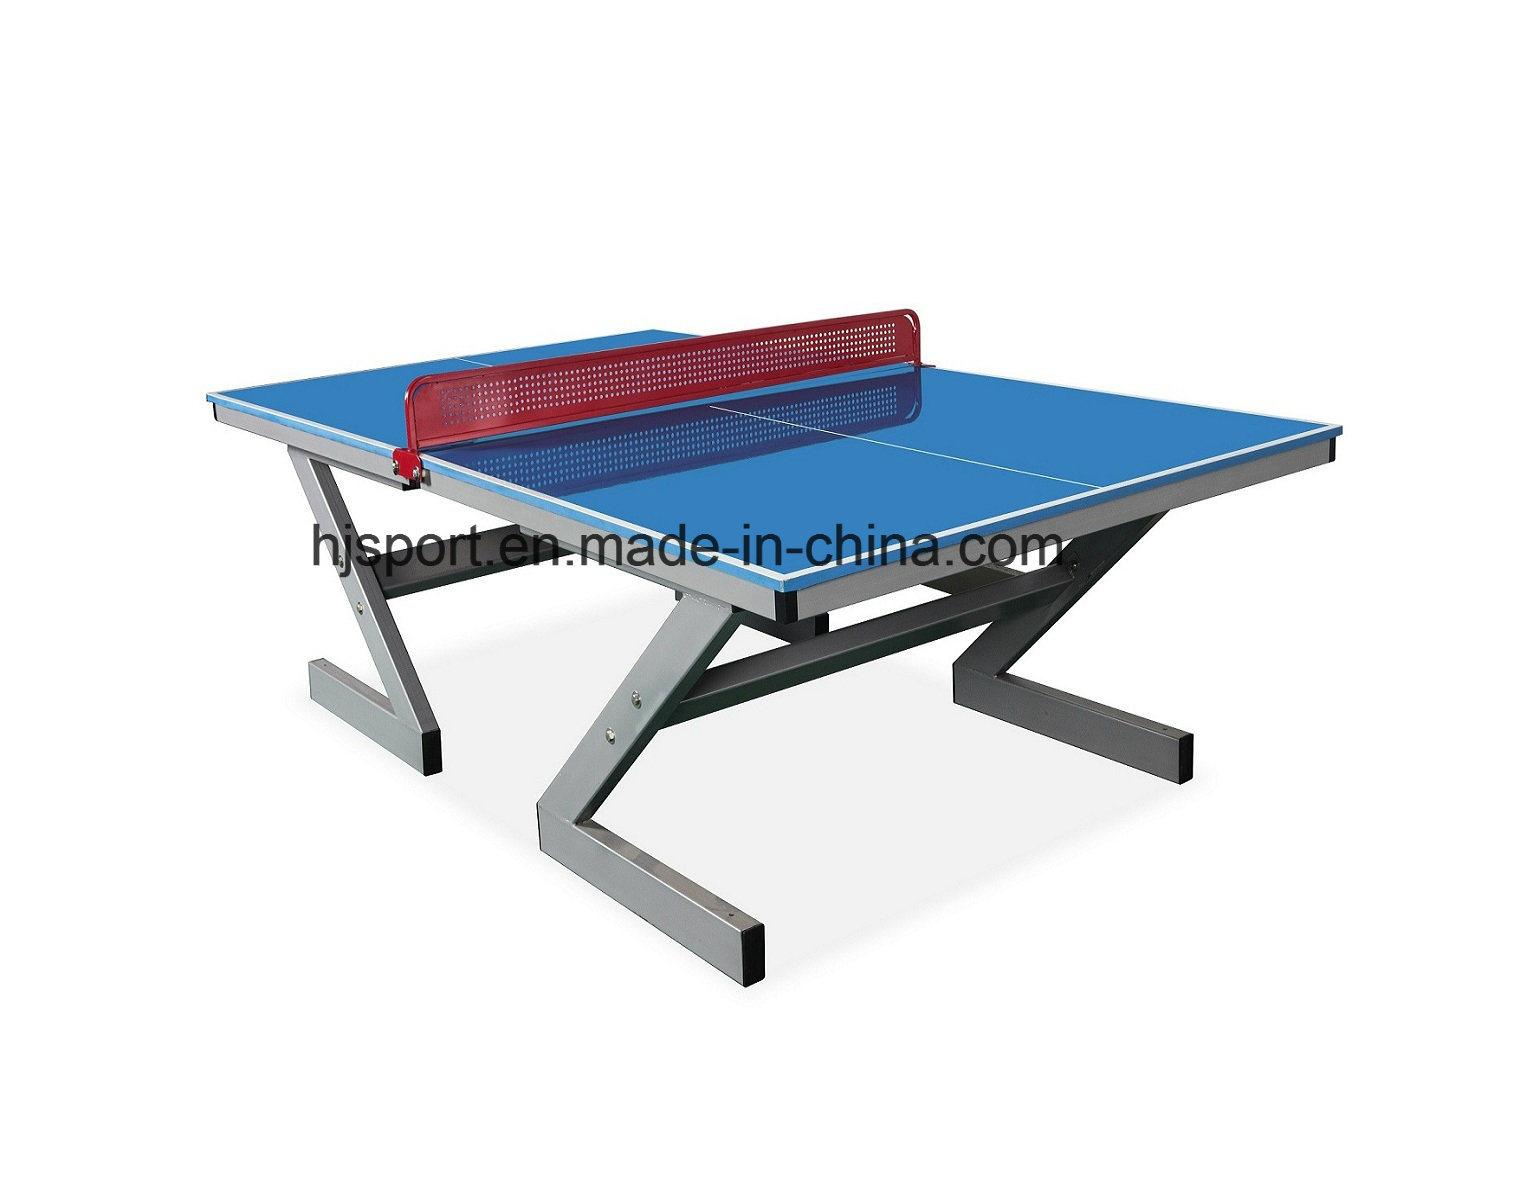 Outdoor Weatherproof Table Tennis